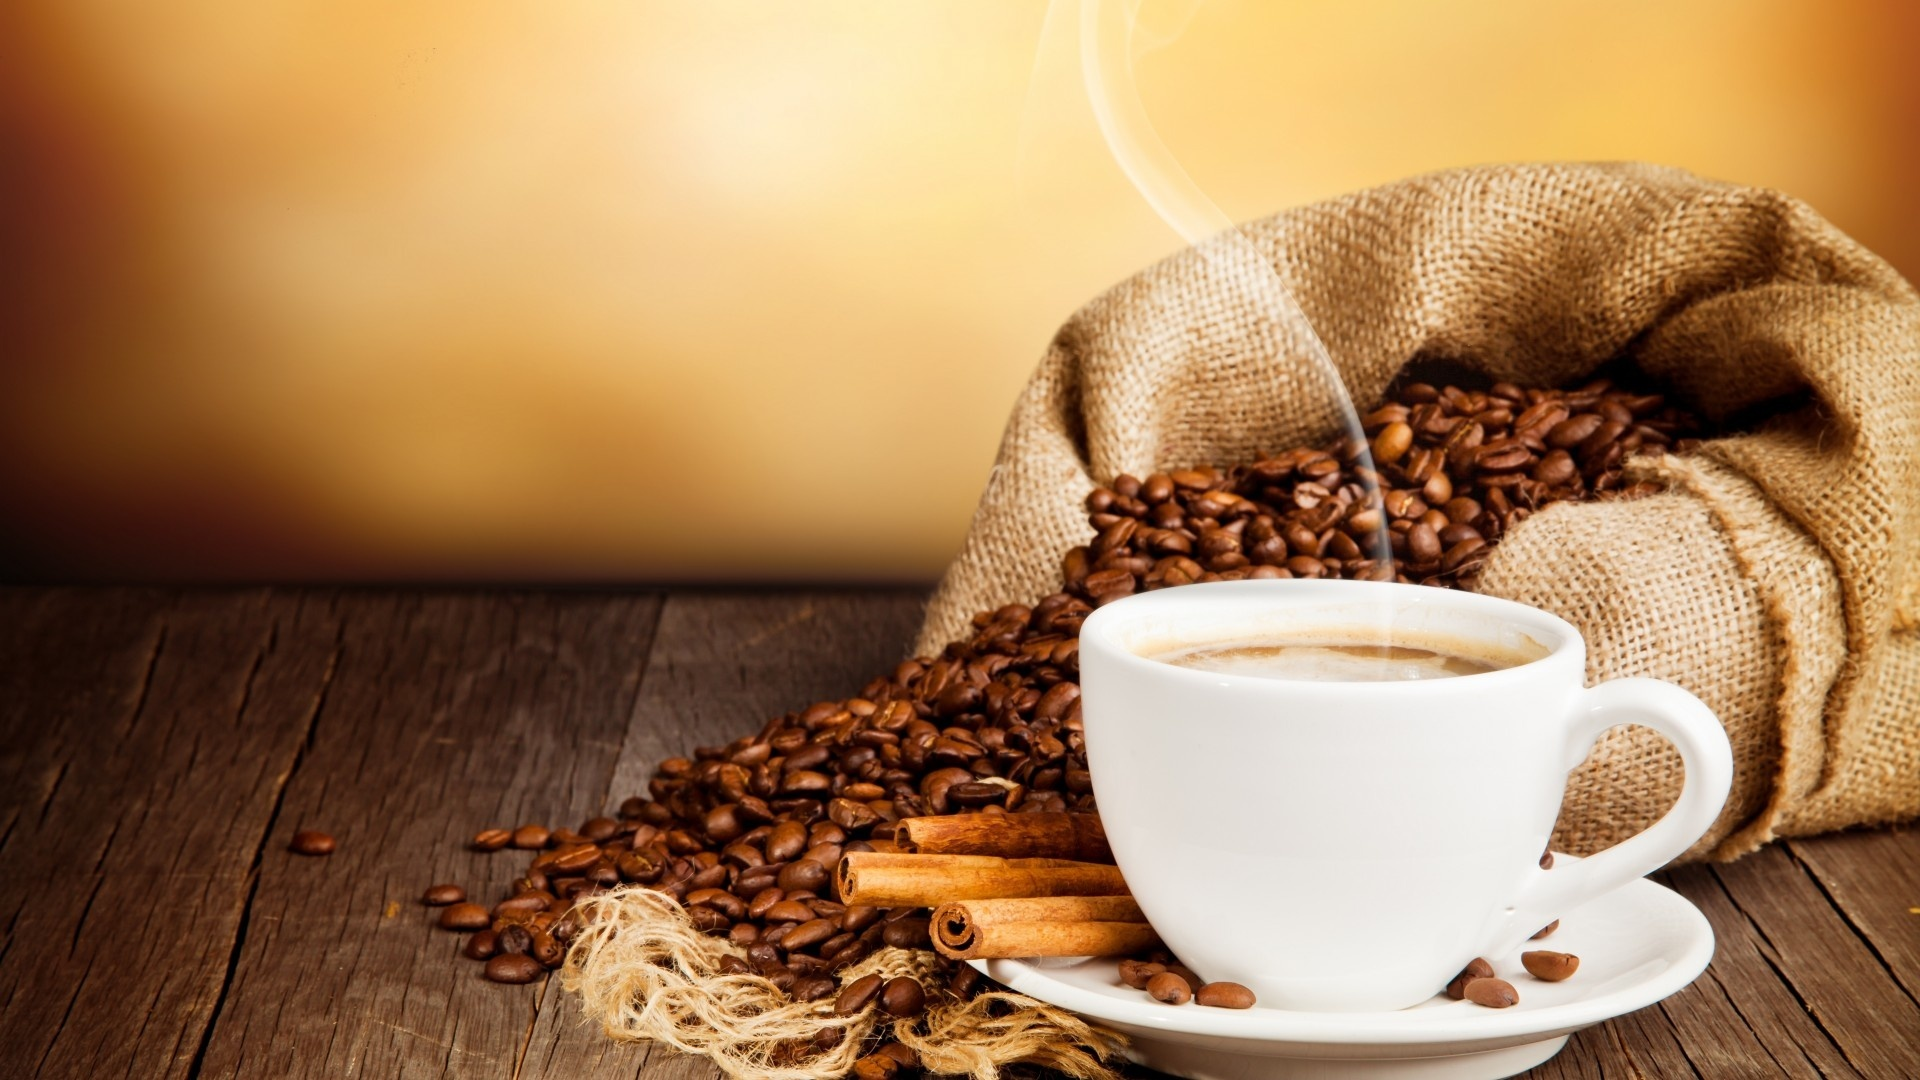 قهوه عربیکا خوب